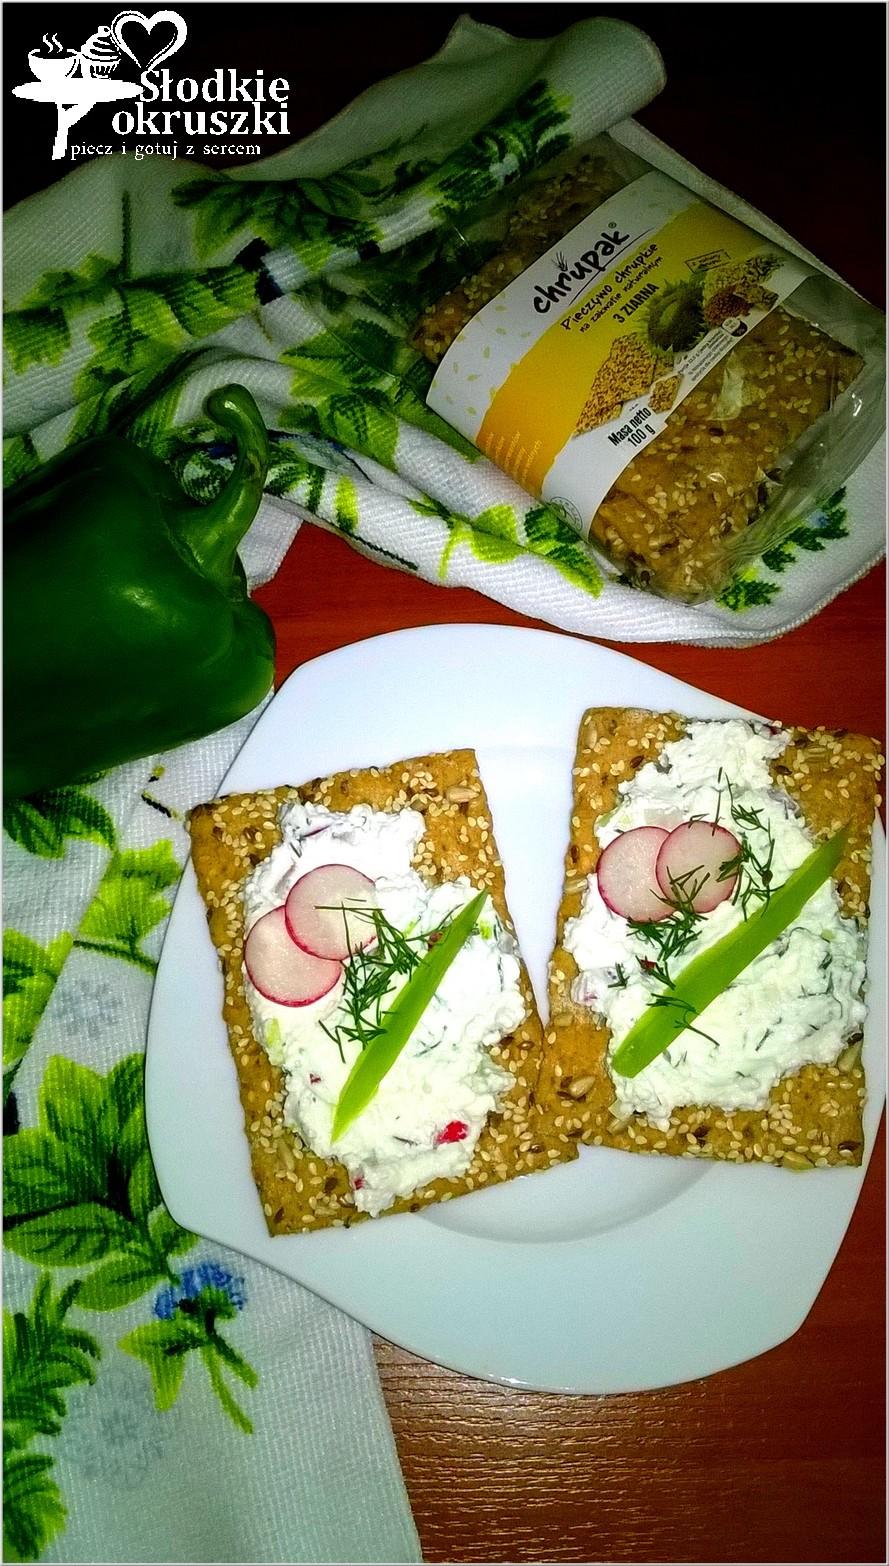 Chrupkie kanapki ze zdrową pastą koperkową